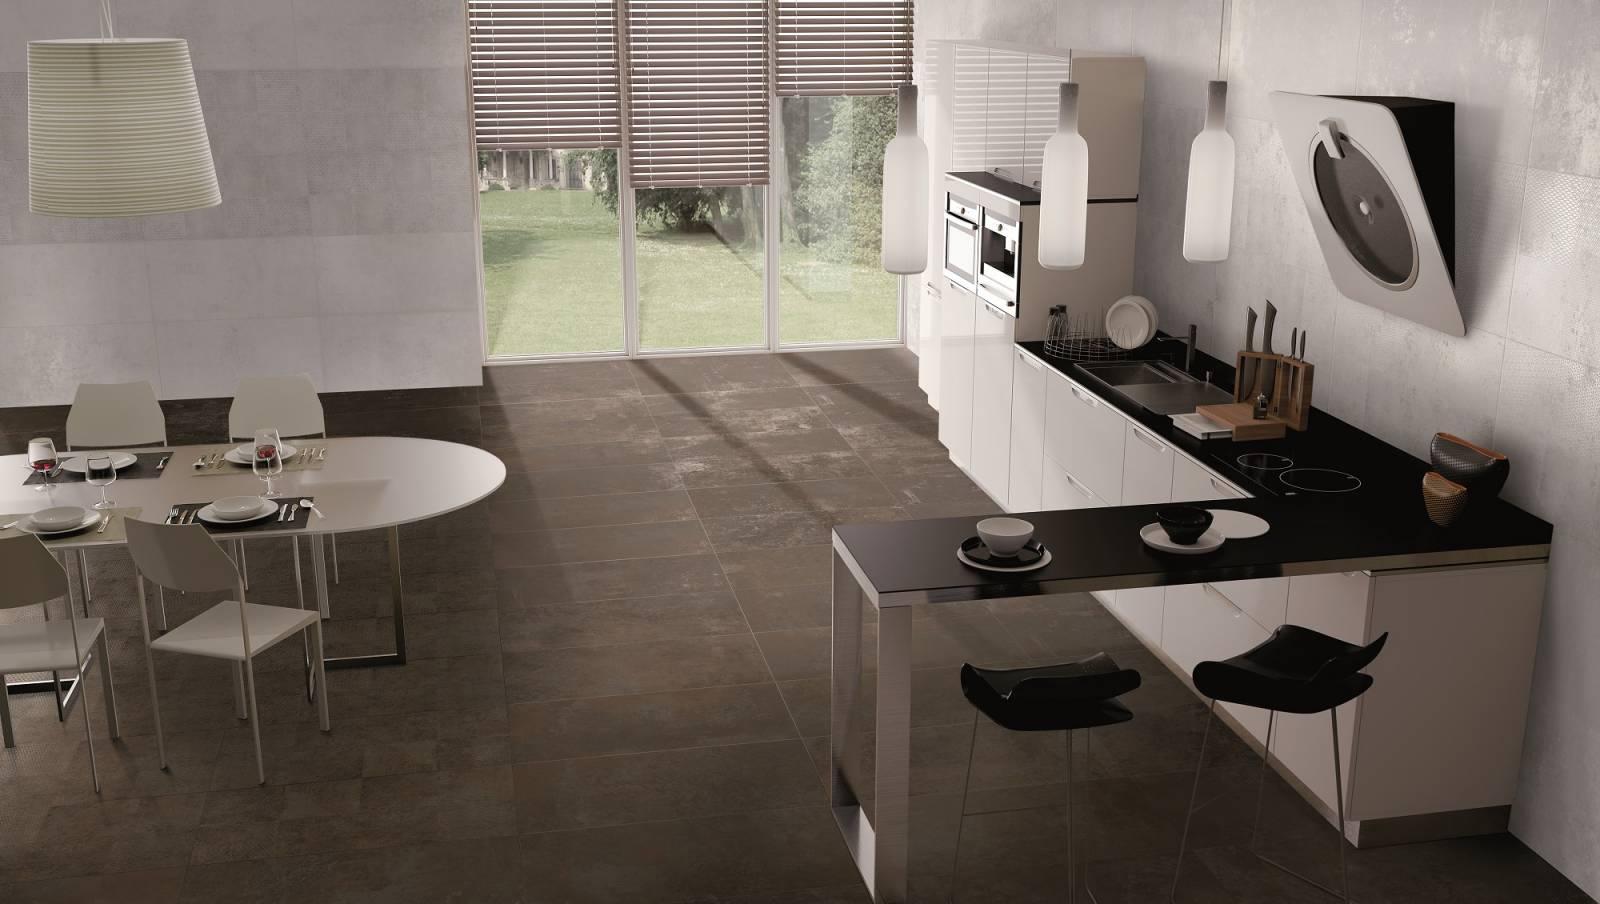 Carrelage grand format esprit metal pour sol et mur, grand passage : Titan - Carrelage Concept ...